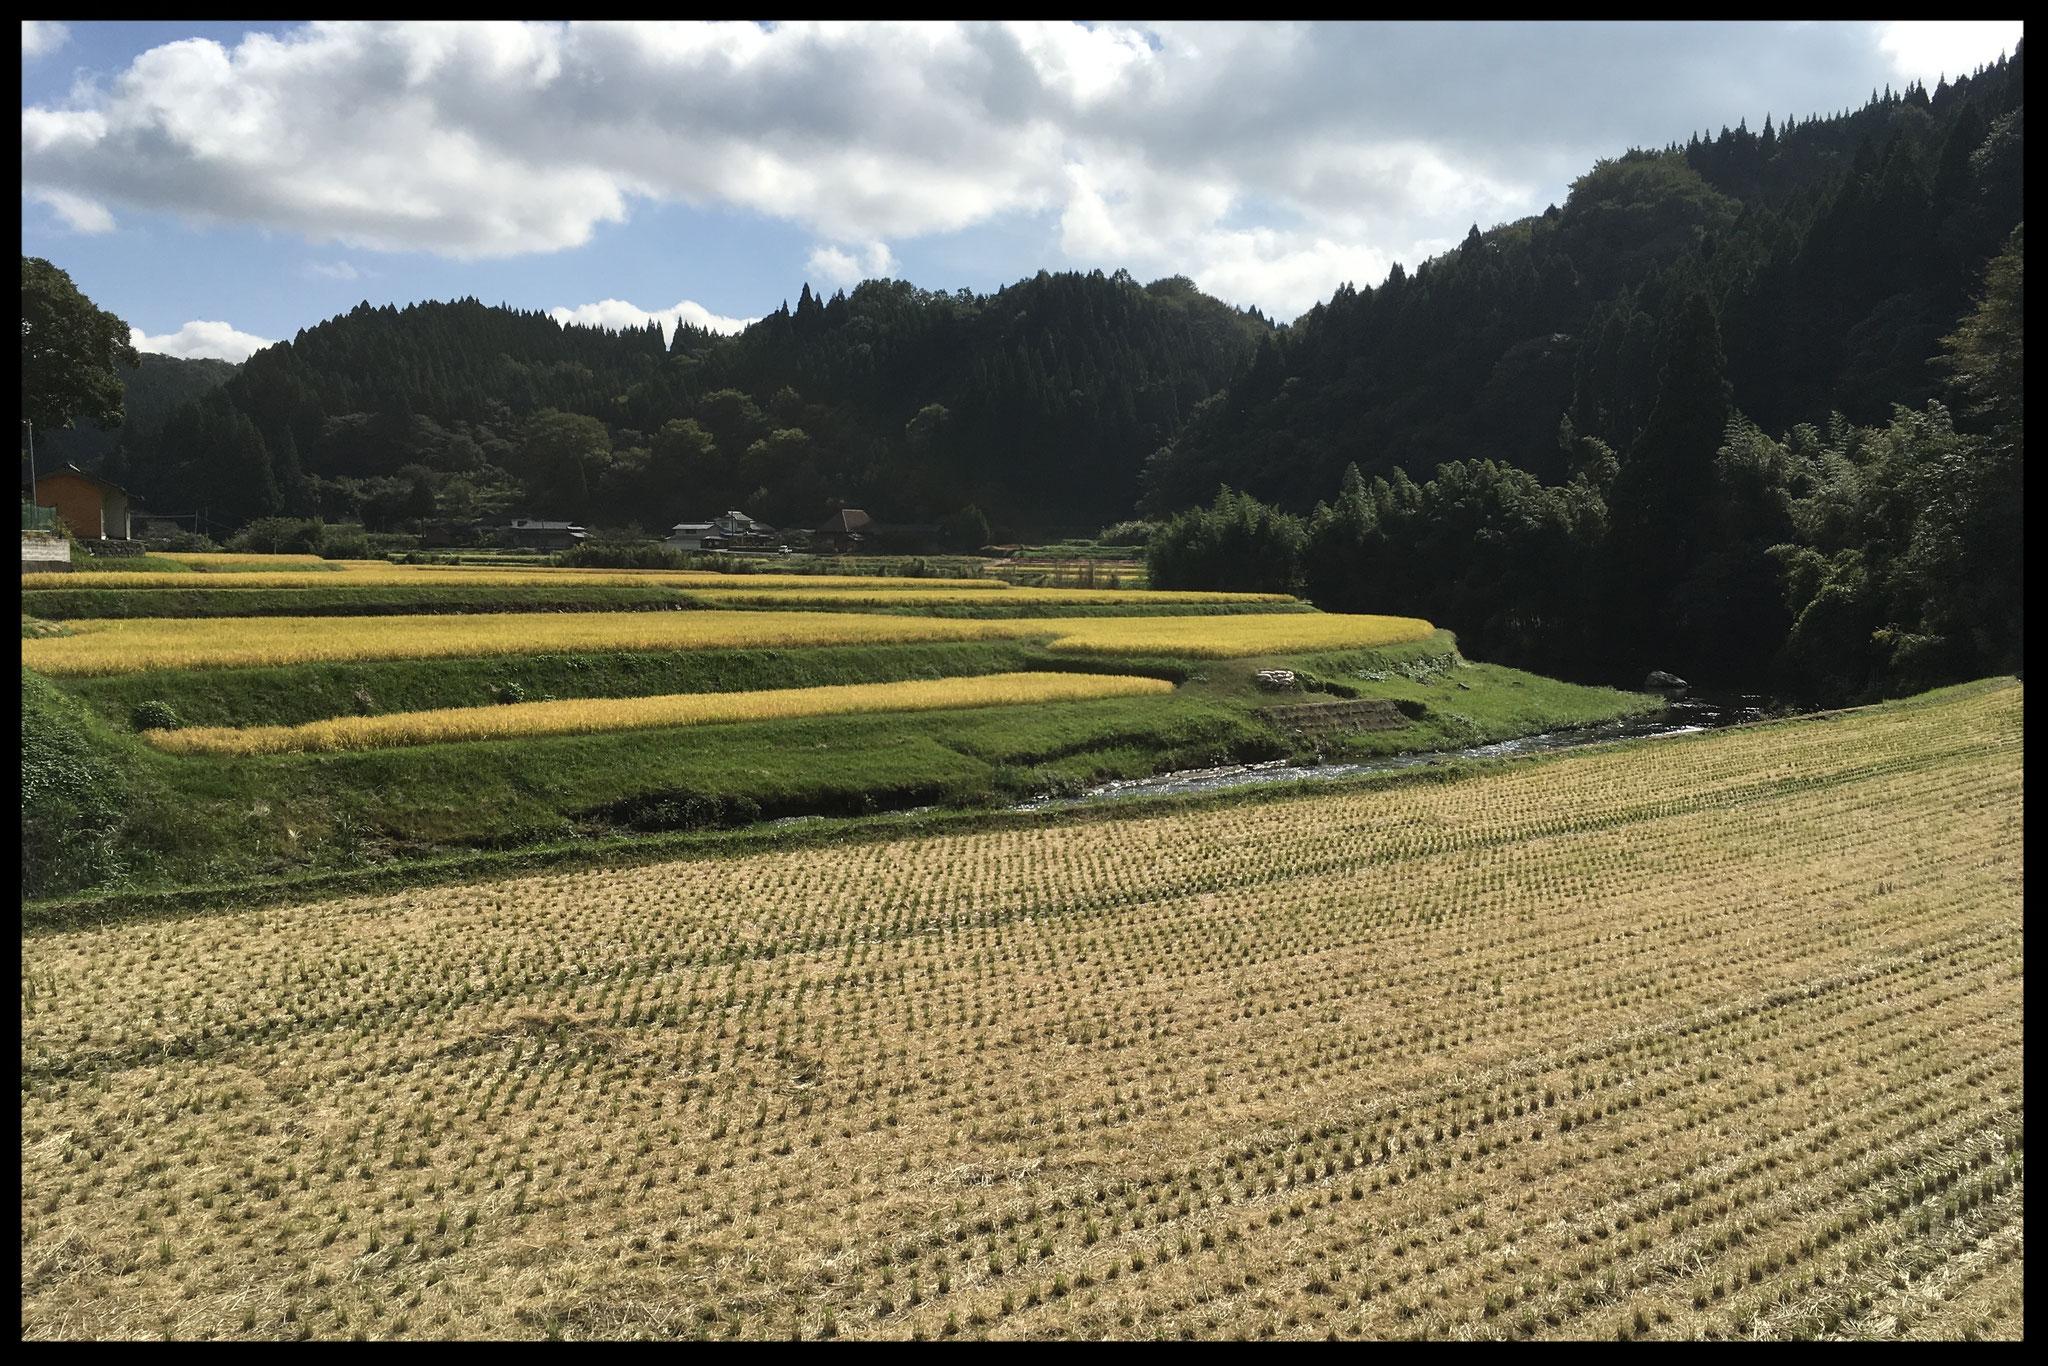 素晴らしい田園の眺めにうっとり